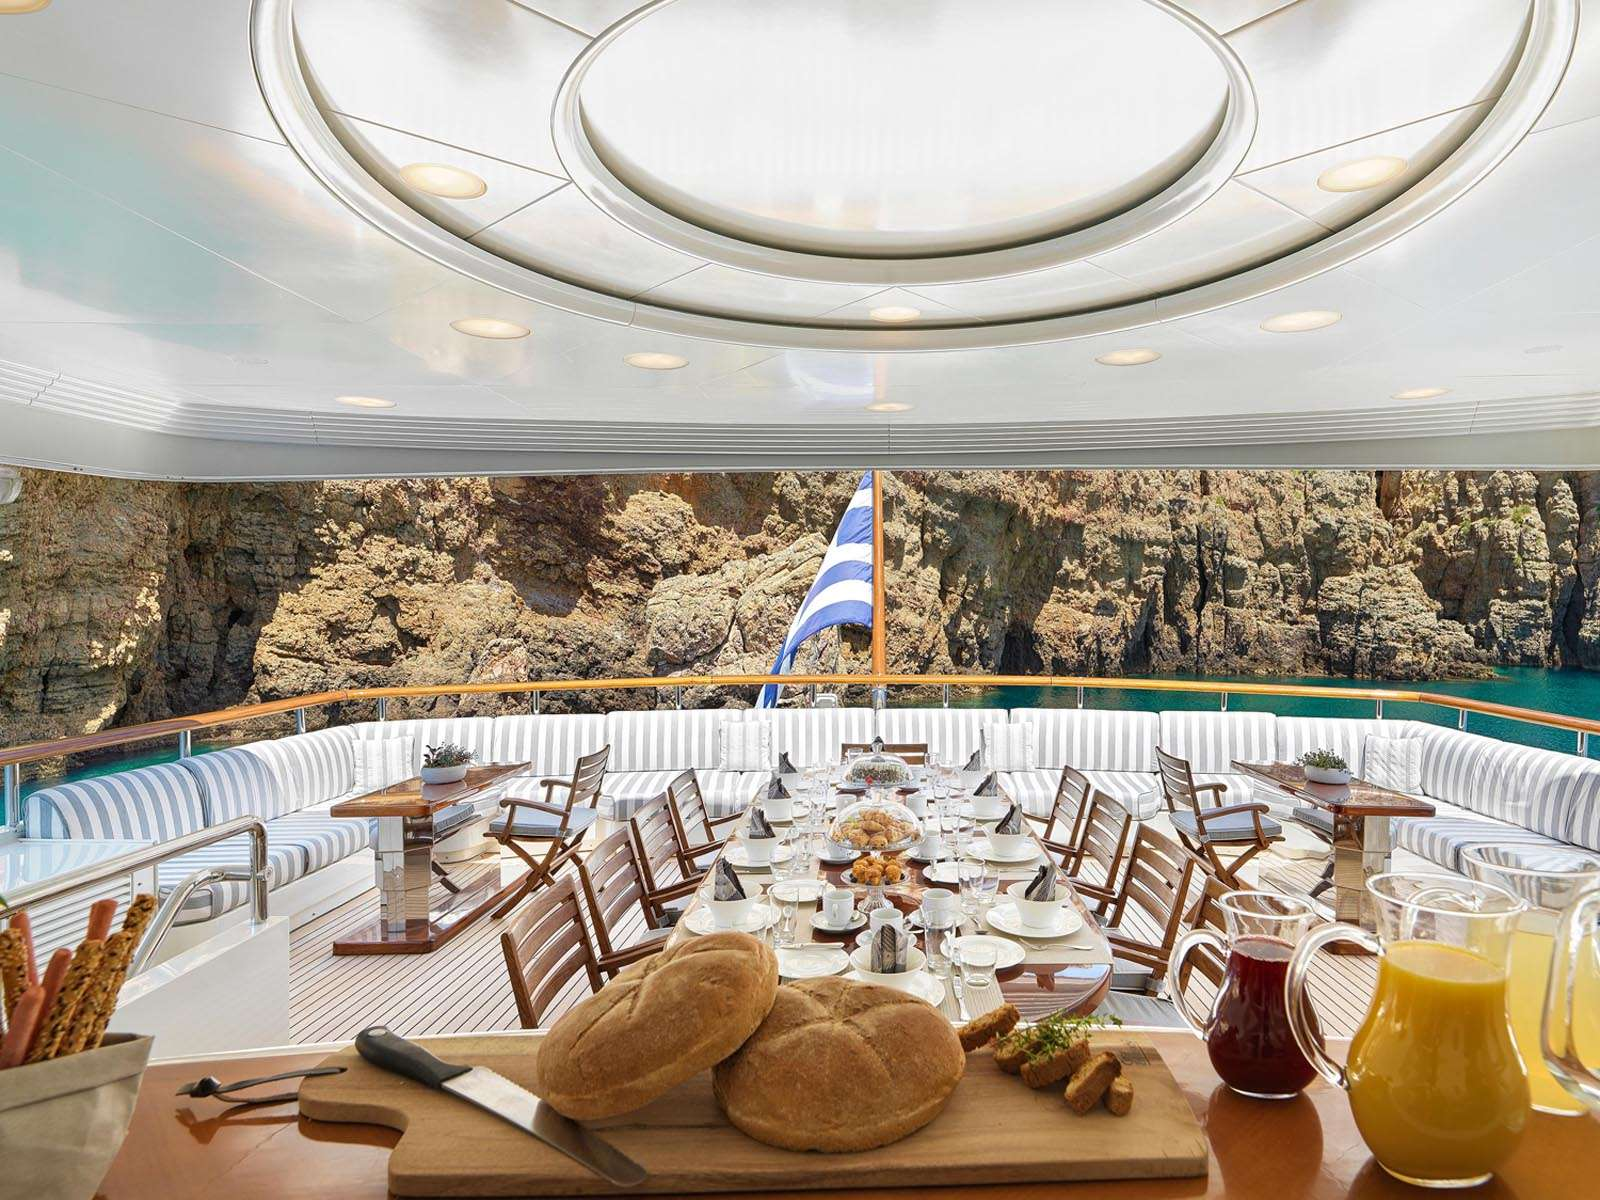 Dining Upper Deck